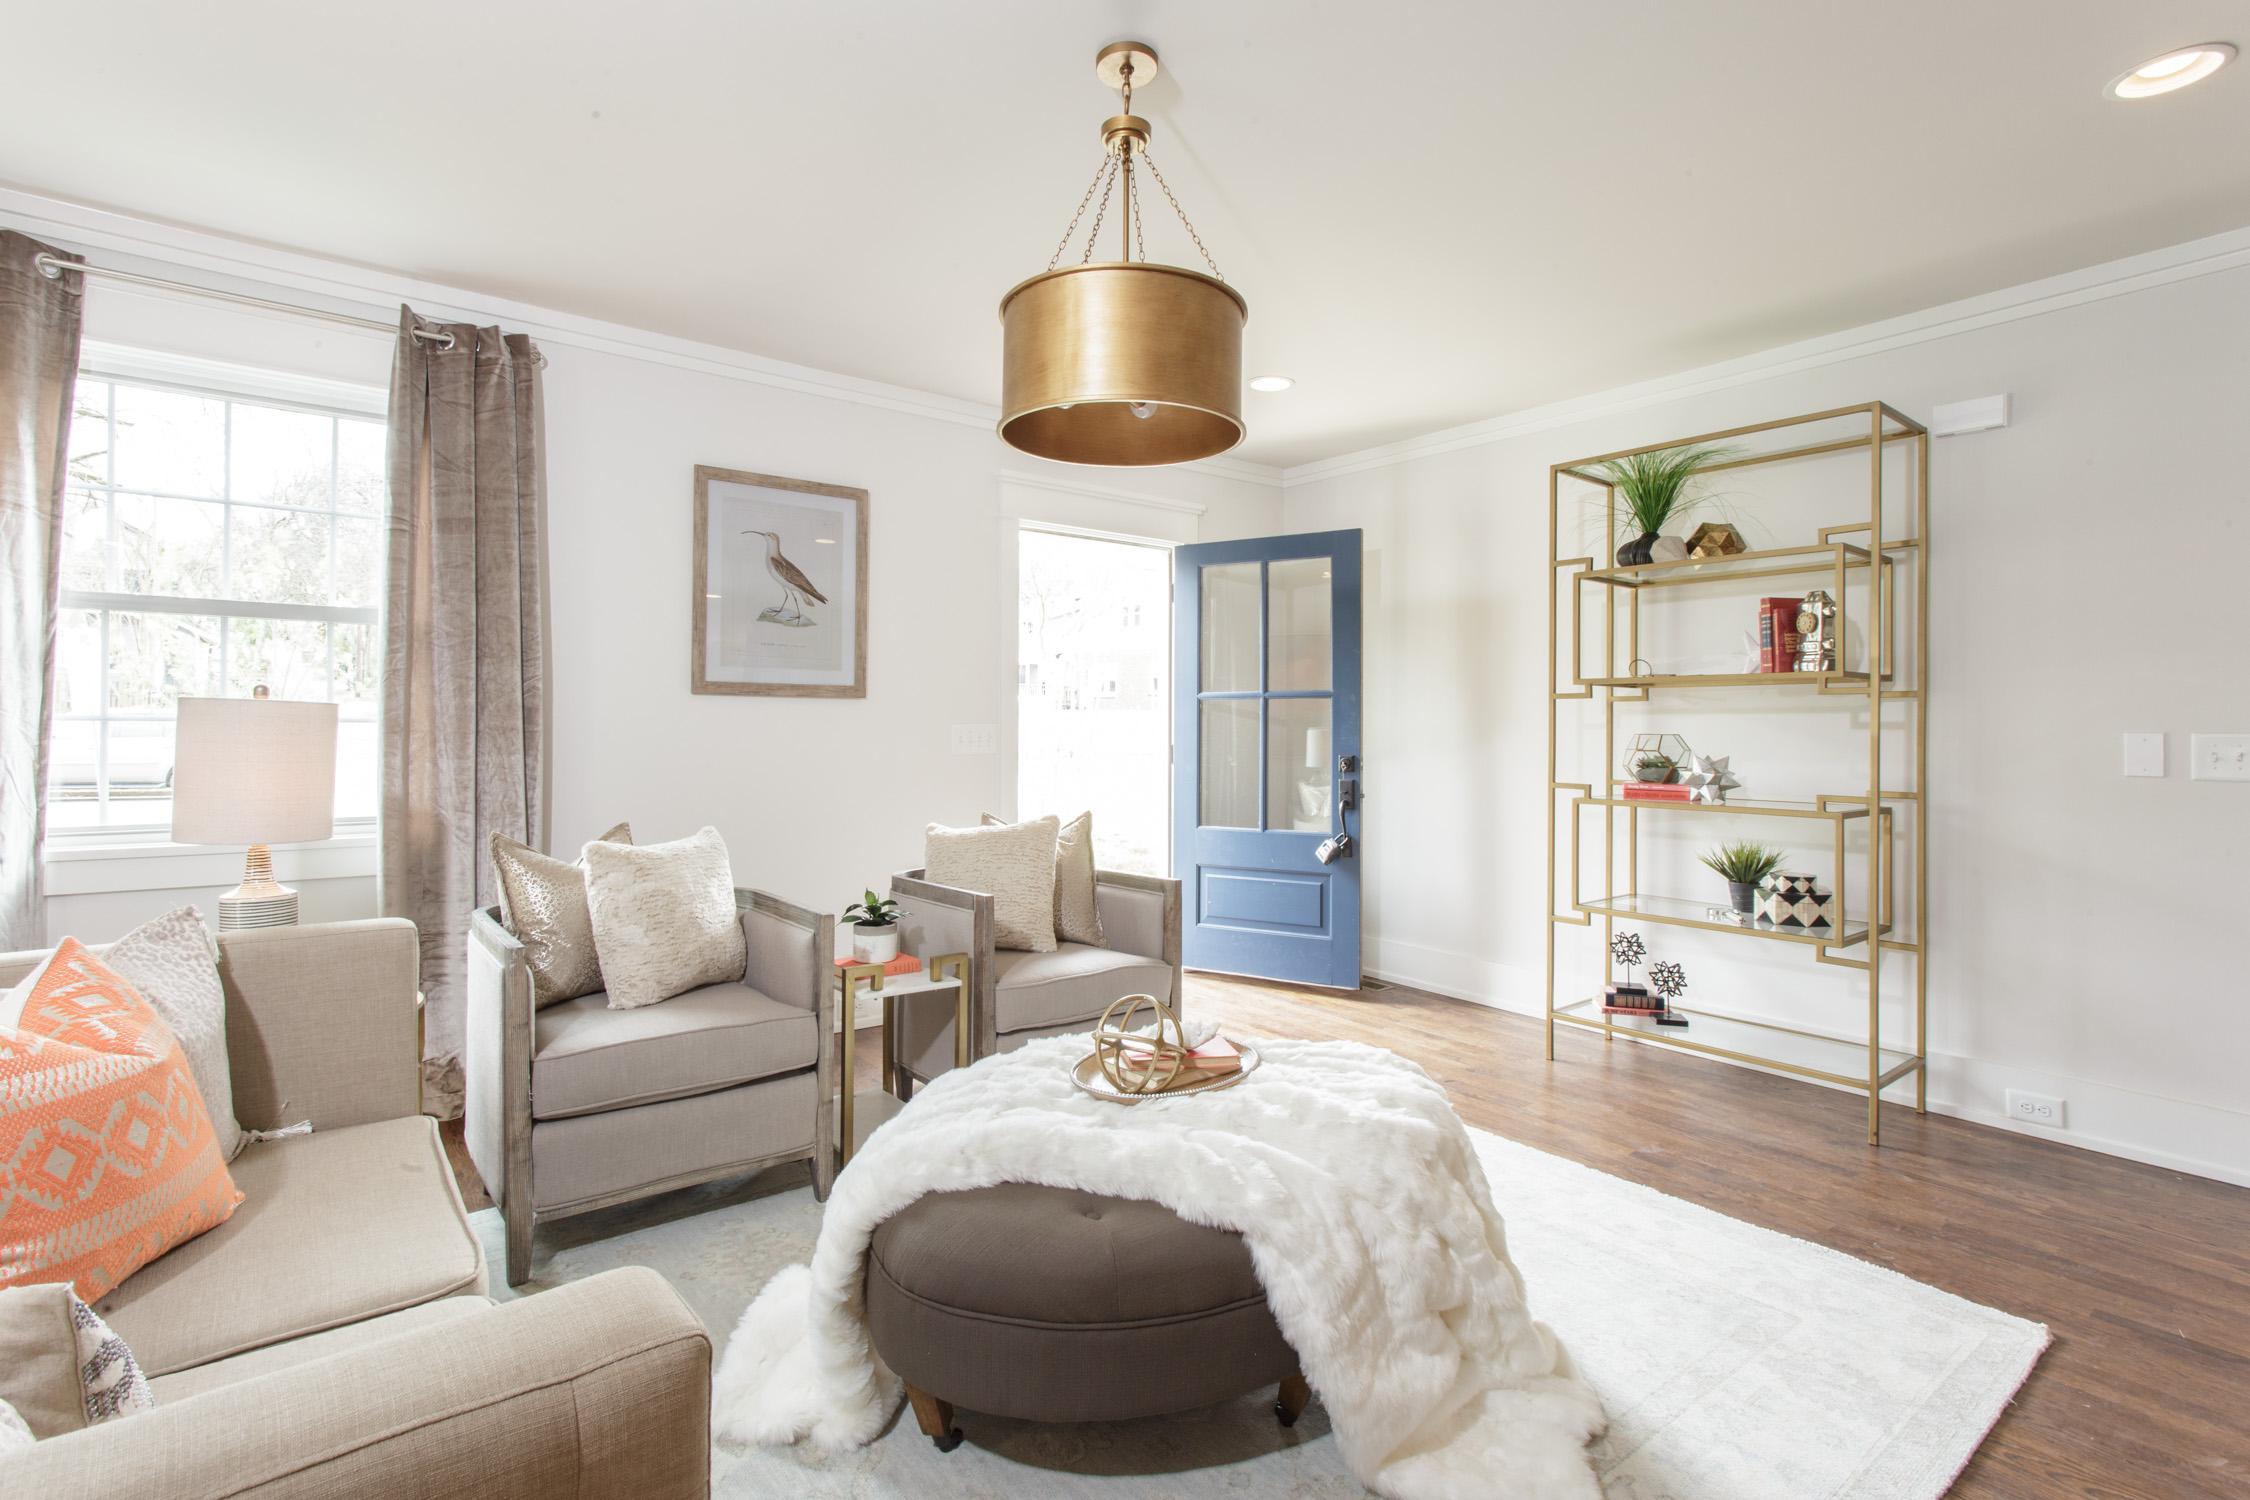 britt-development-group-nashville-tennessee-custom-home-builder-5697.jpg